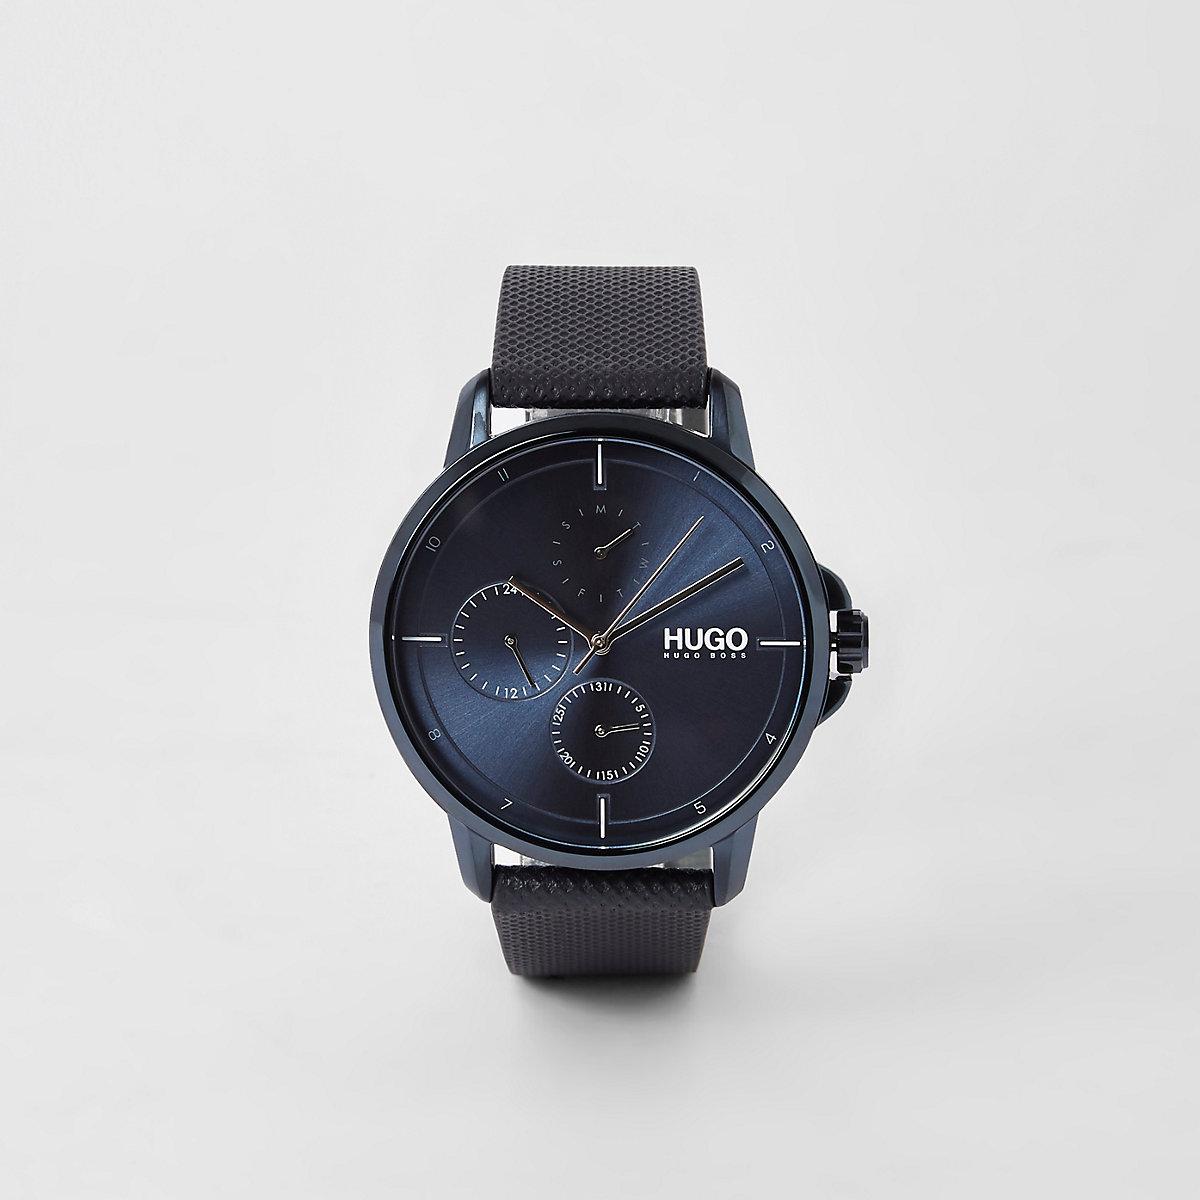 Hugo Boss Focus blue 3 dials watch